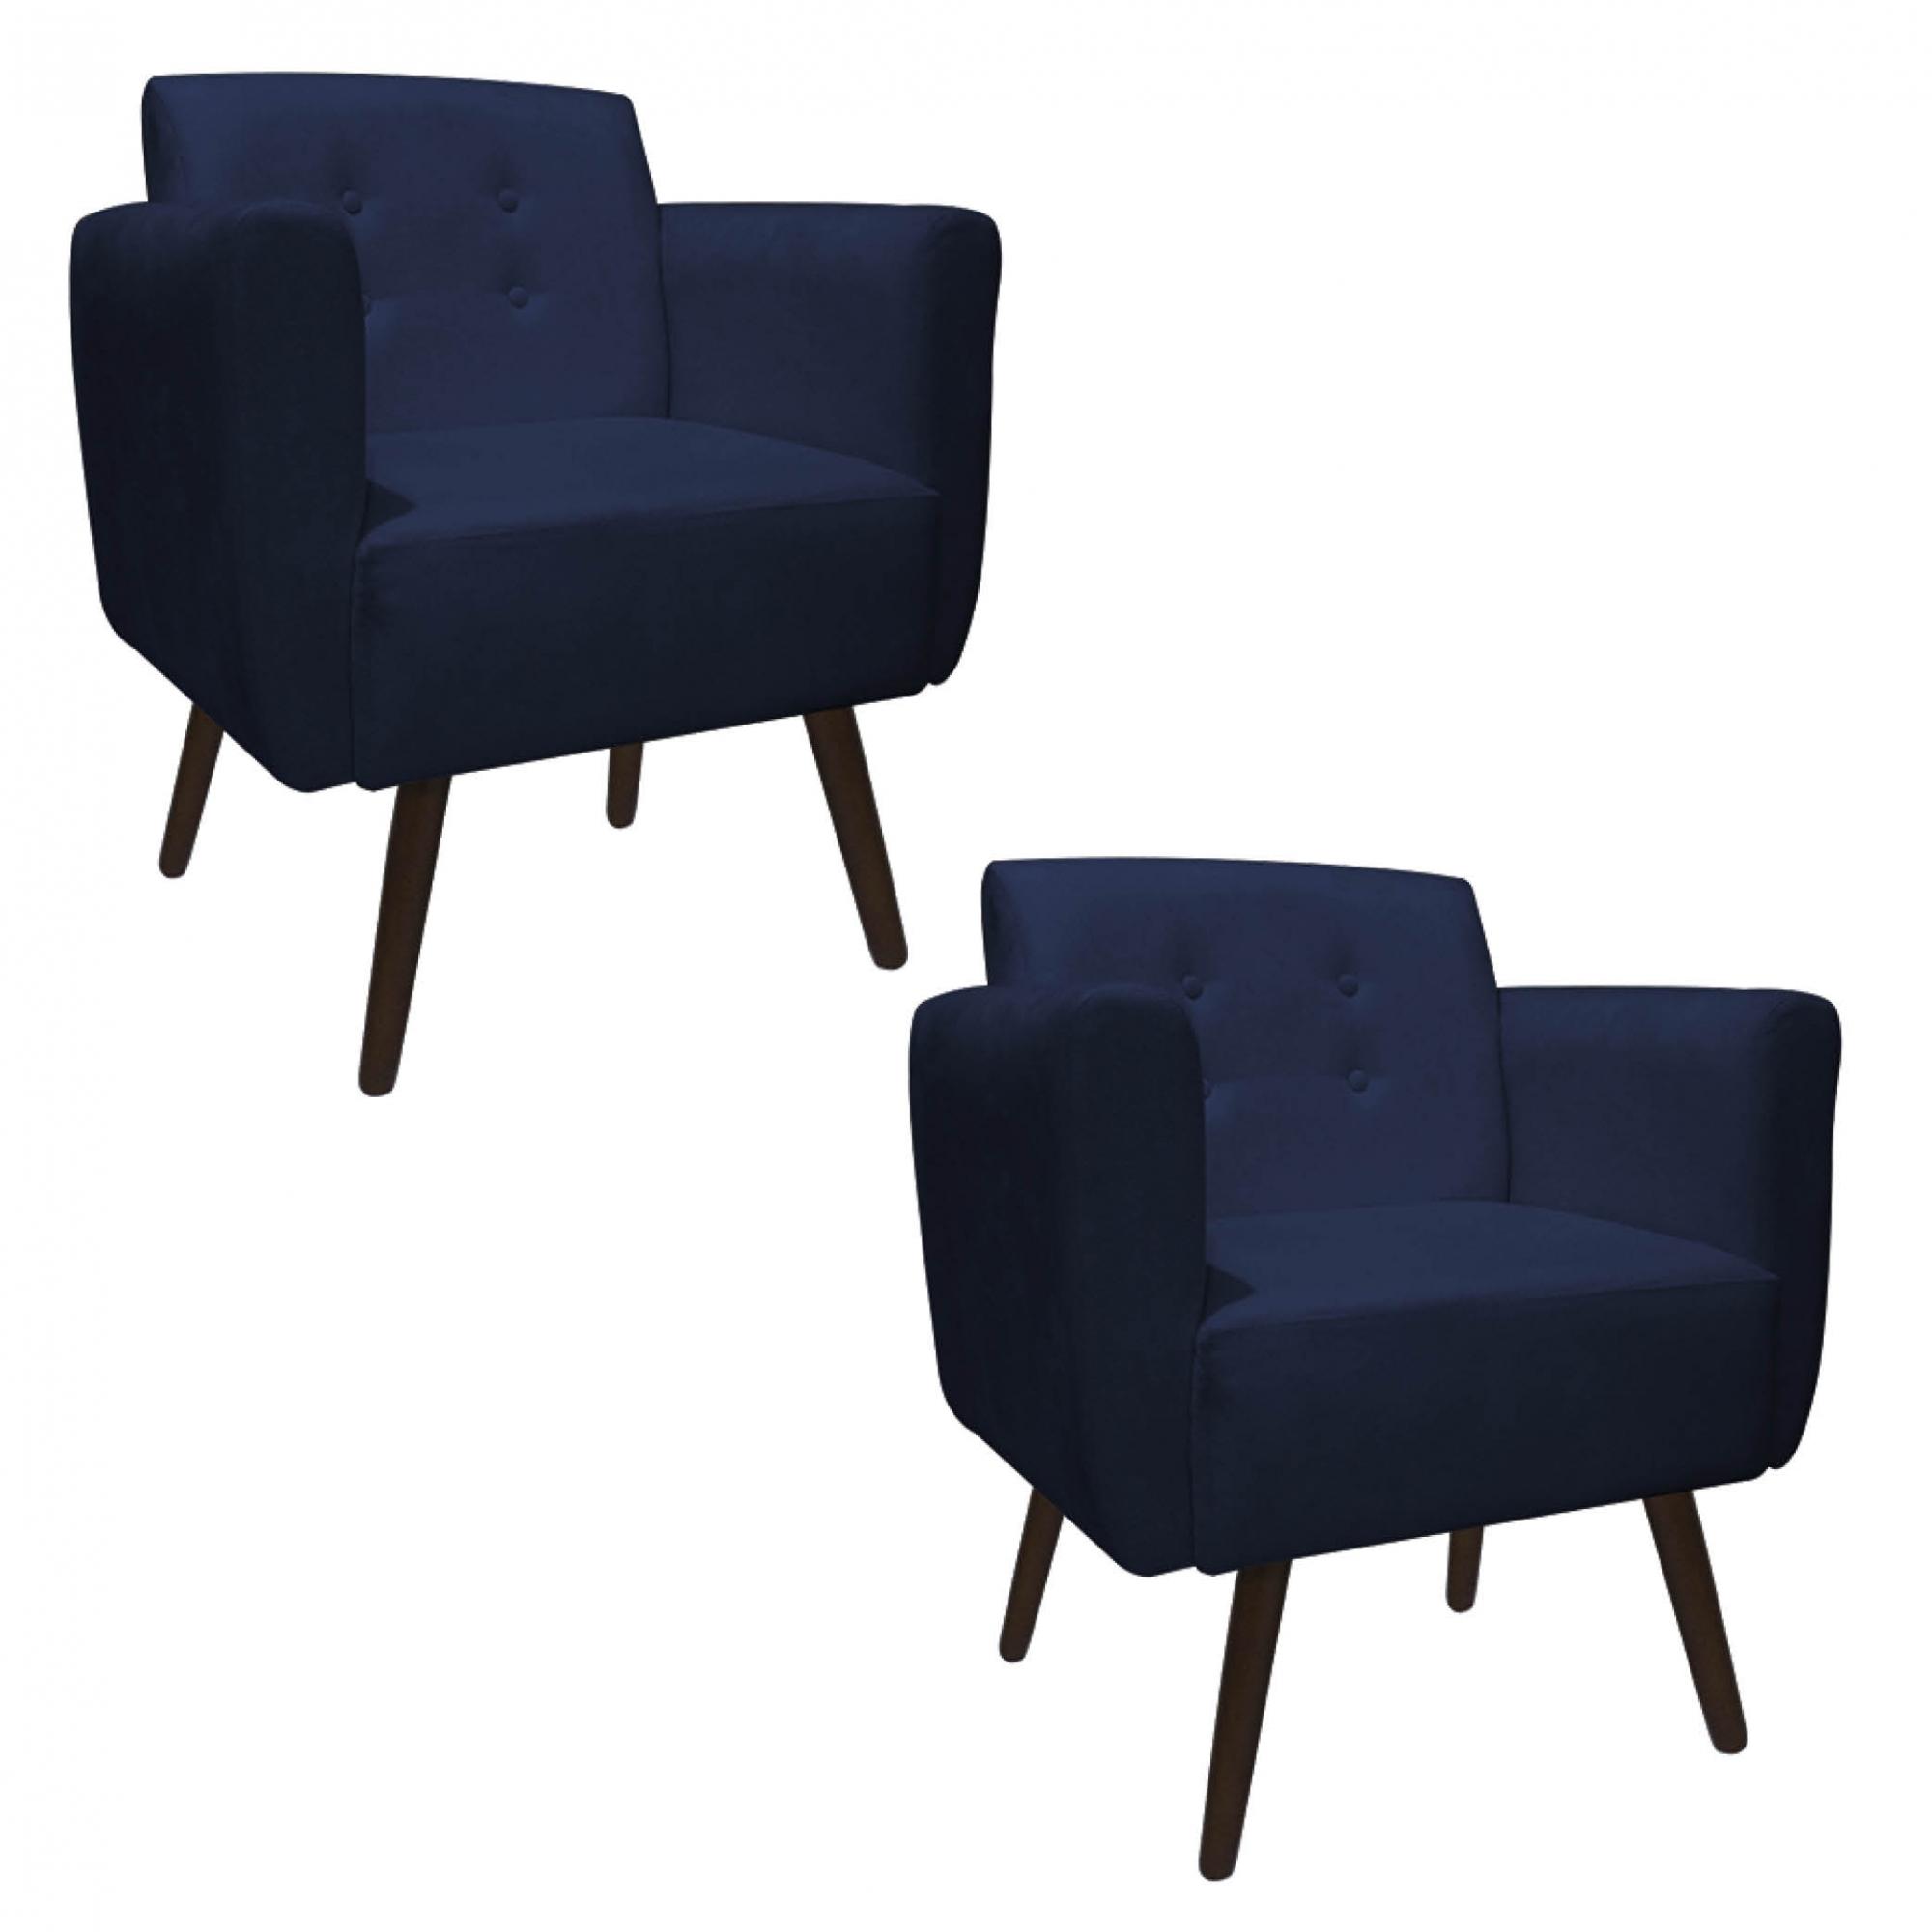 Kit 2 Poltrona Duda Decoraçâo Pé Palito Cadeira Recepção Escritório Clinica D'Classe Decor Suede Azul Marinho